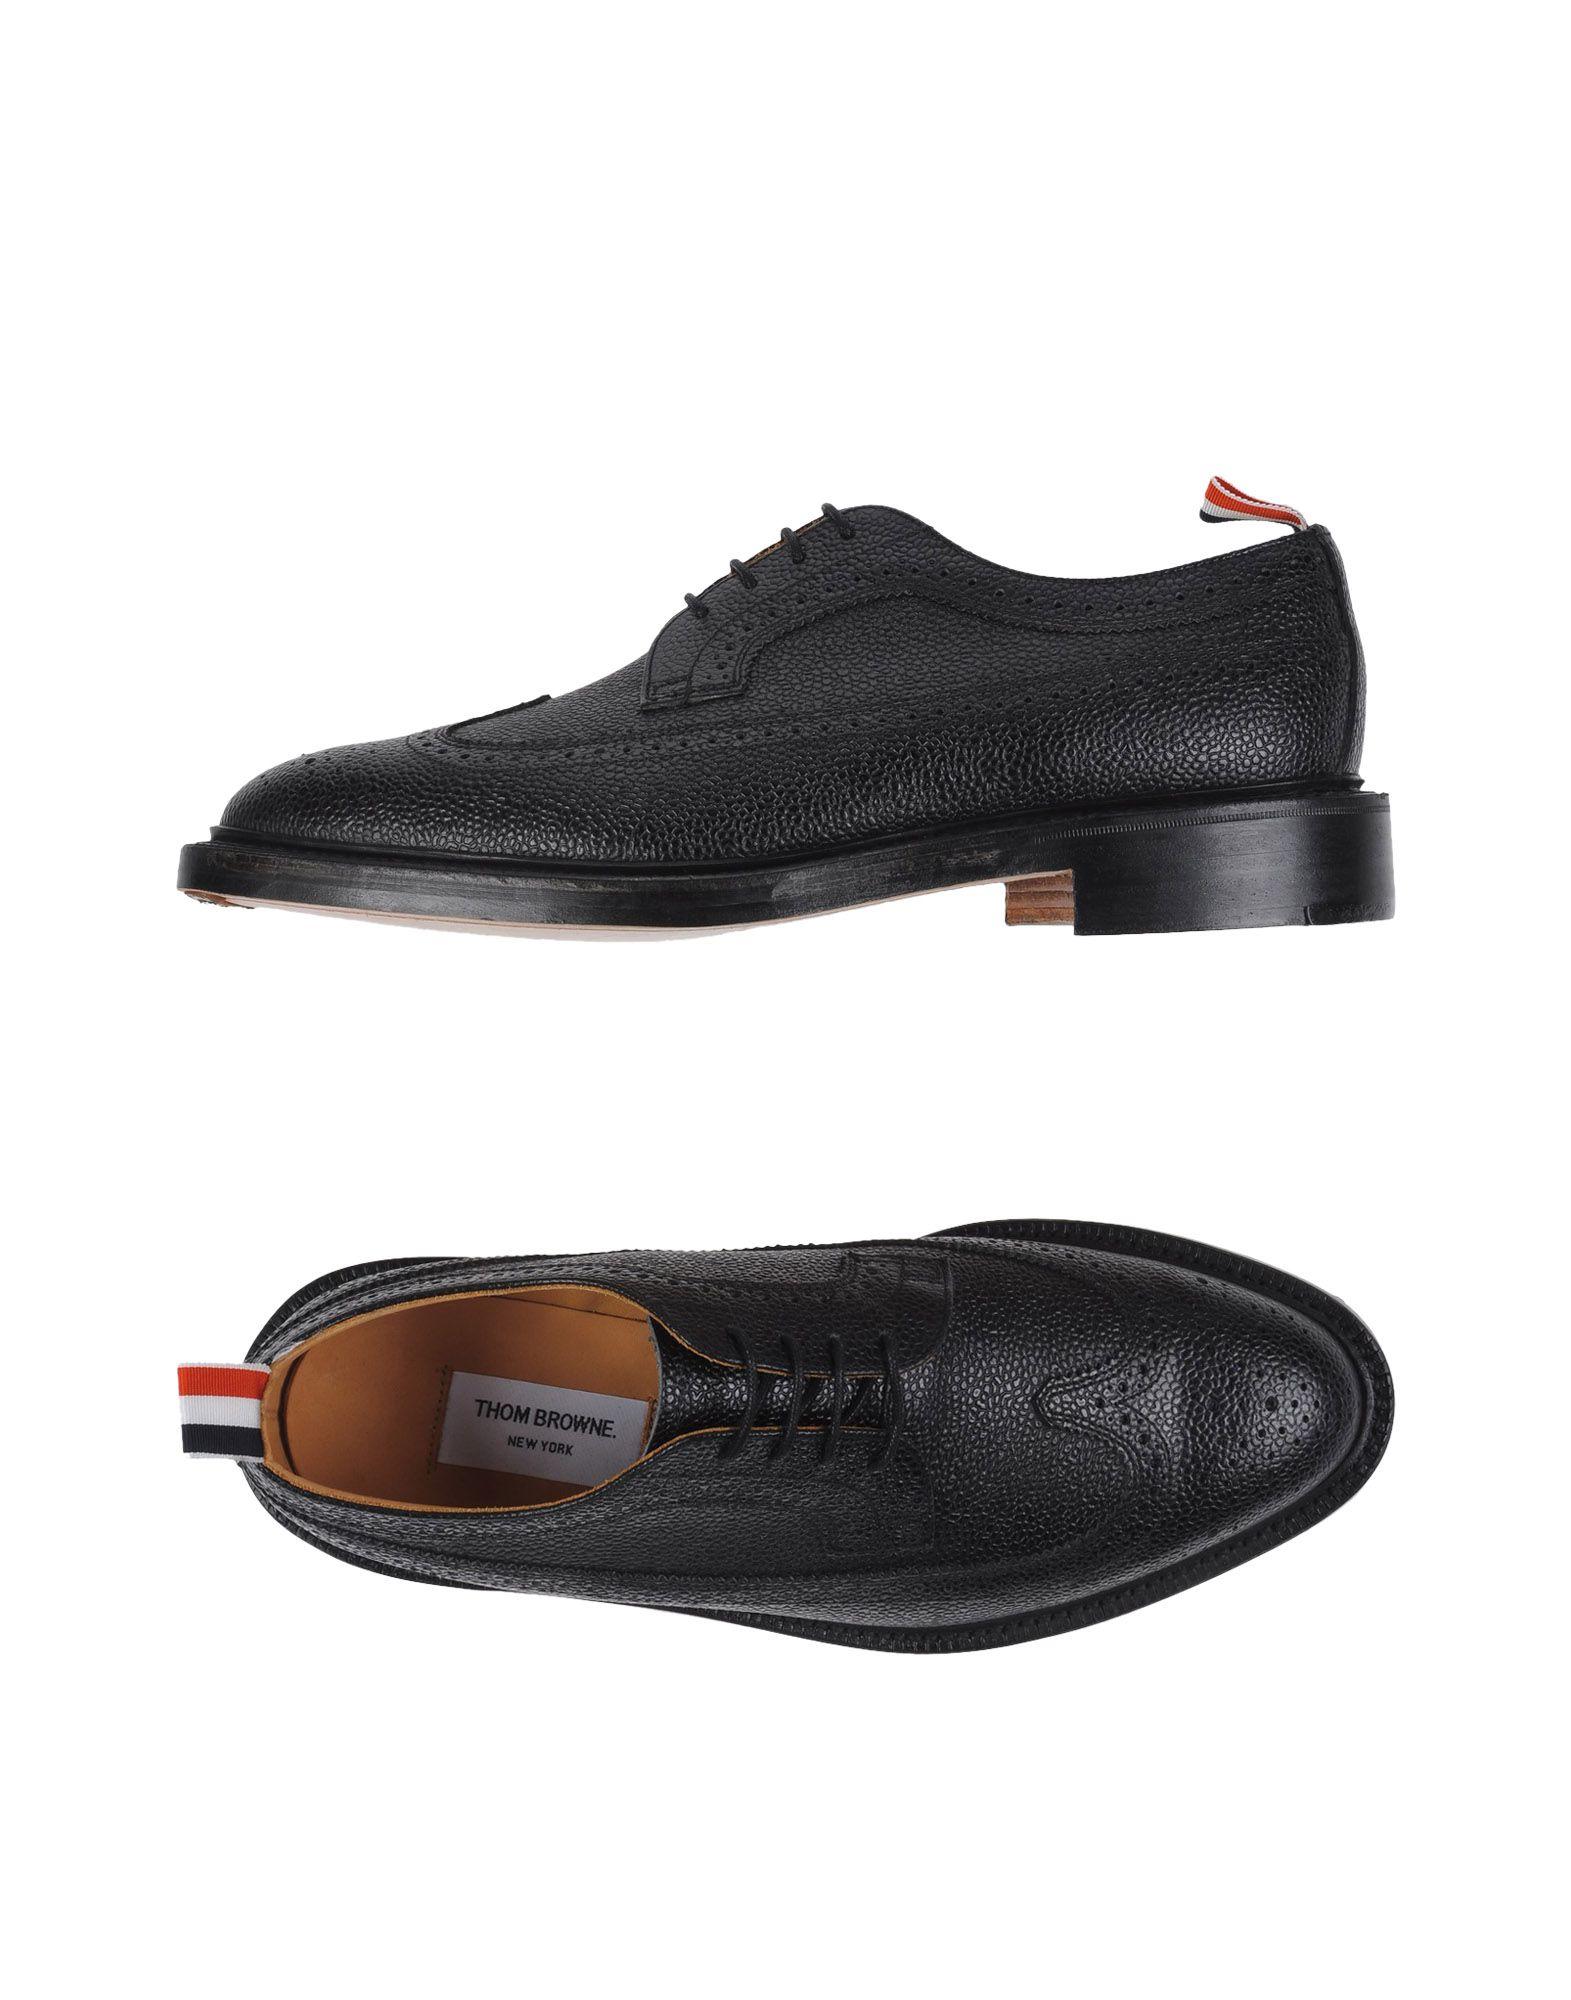 Thom Browne Schnürschuhe Herren  11181252HL Gute Qualität beliebte Schuhe